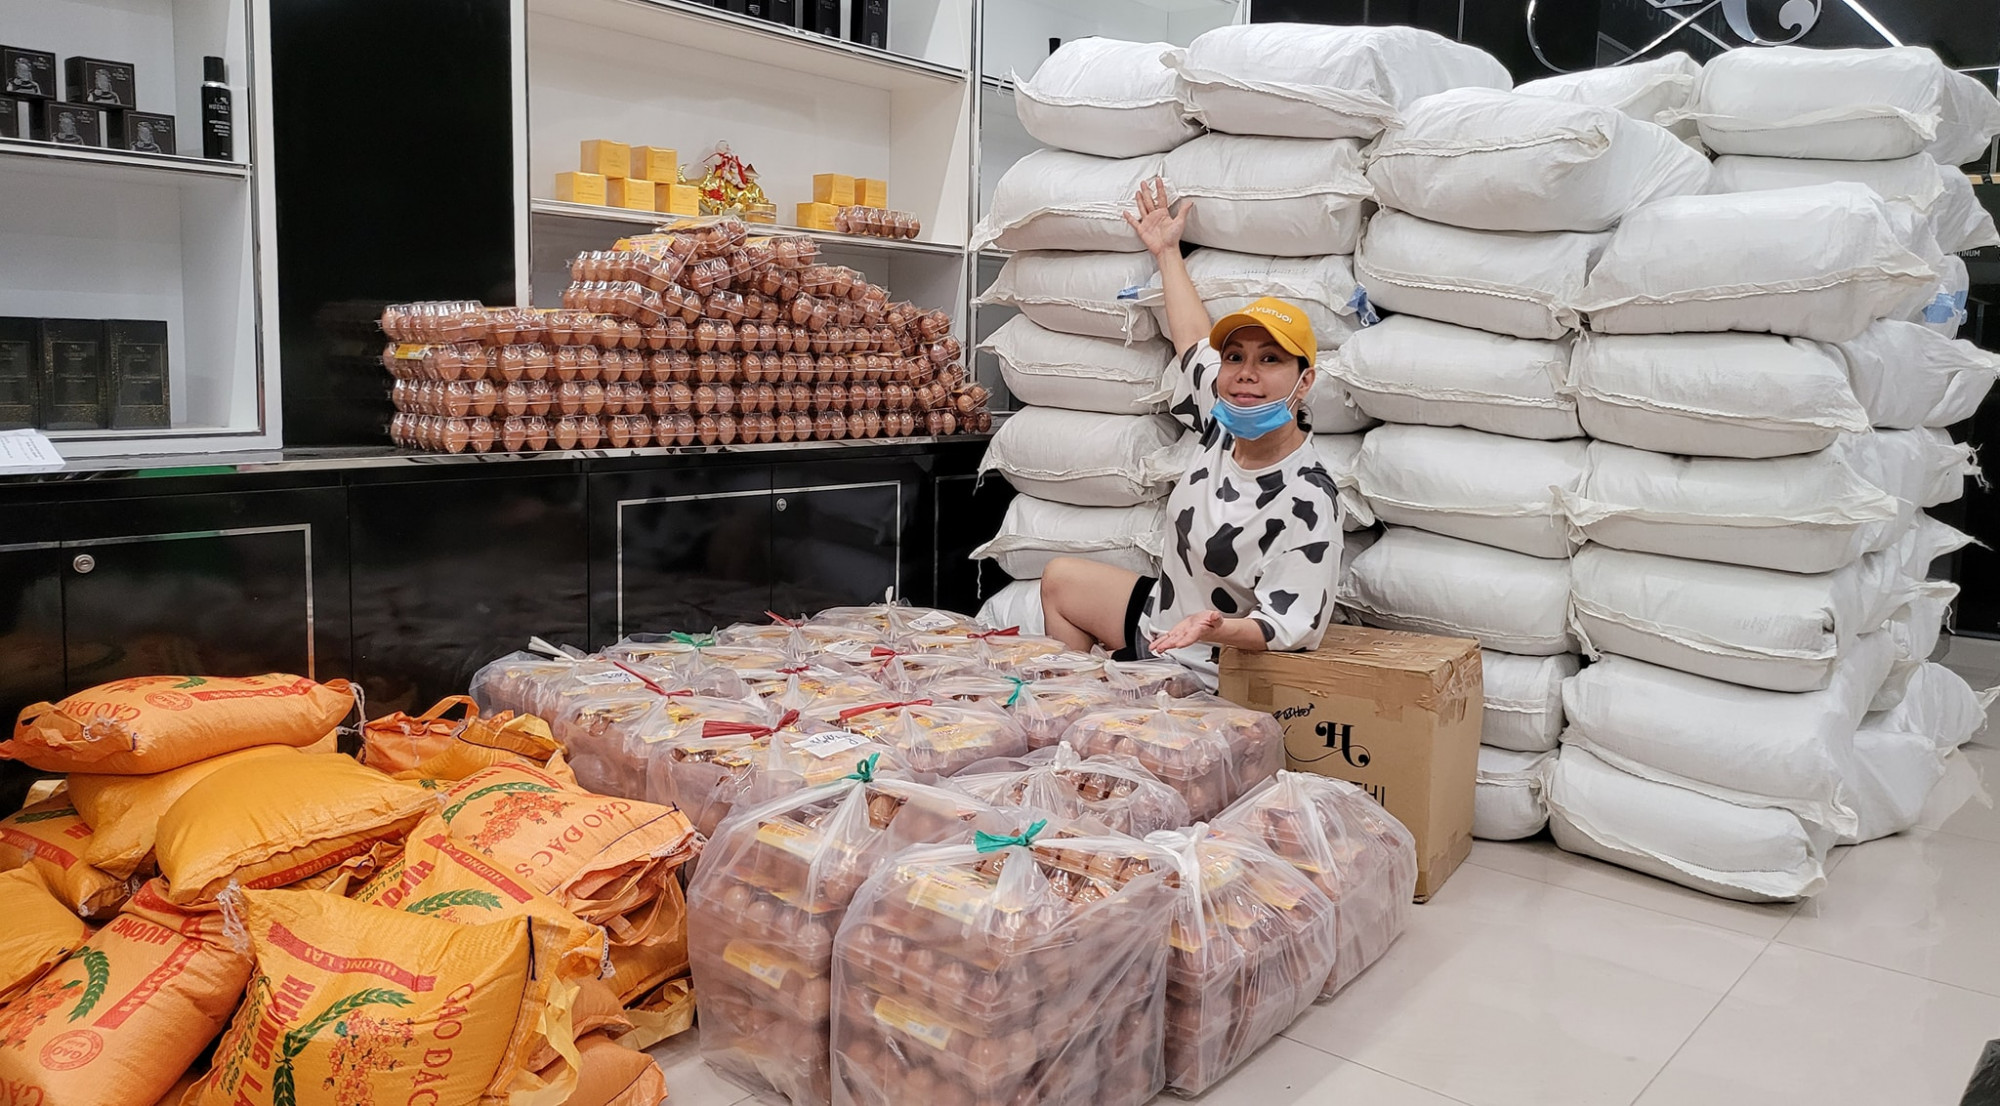 Việt Hương bên cạnh số gạo, trứng chị tập hợp hôm 1/8 để chuẩn bị phát cho bà con khó khăn trong dịch ở TPHCM